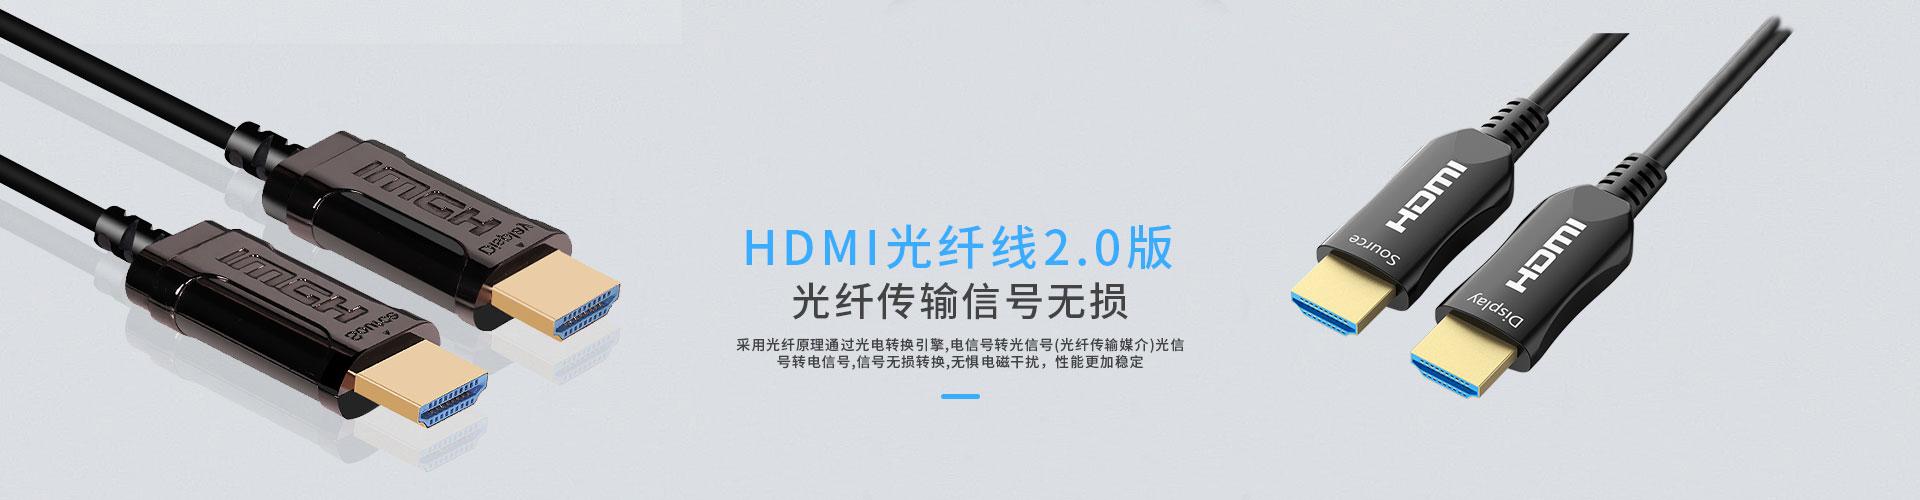 光纤HDMI